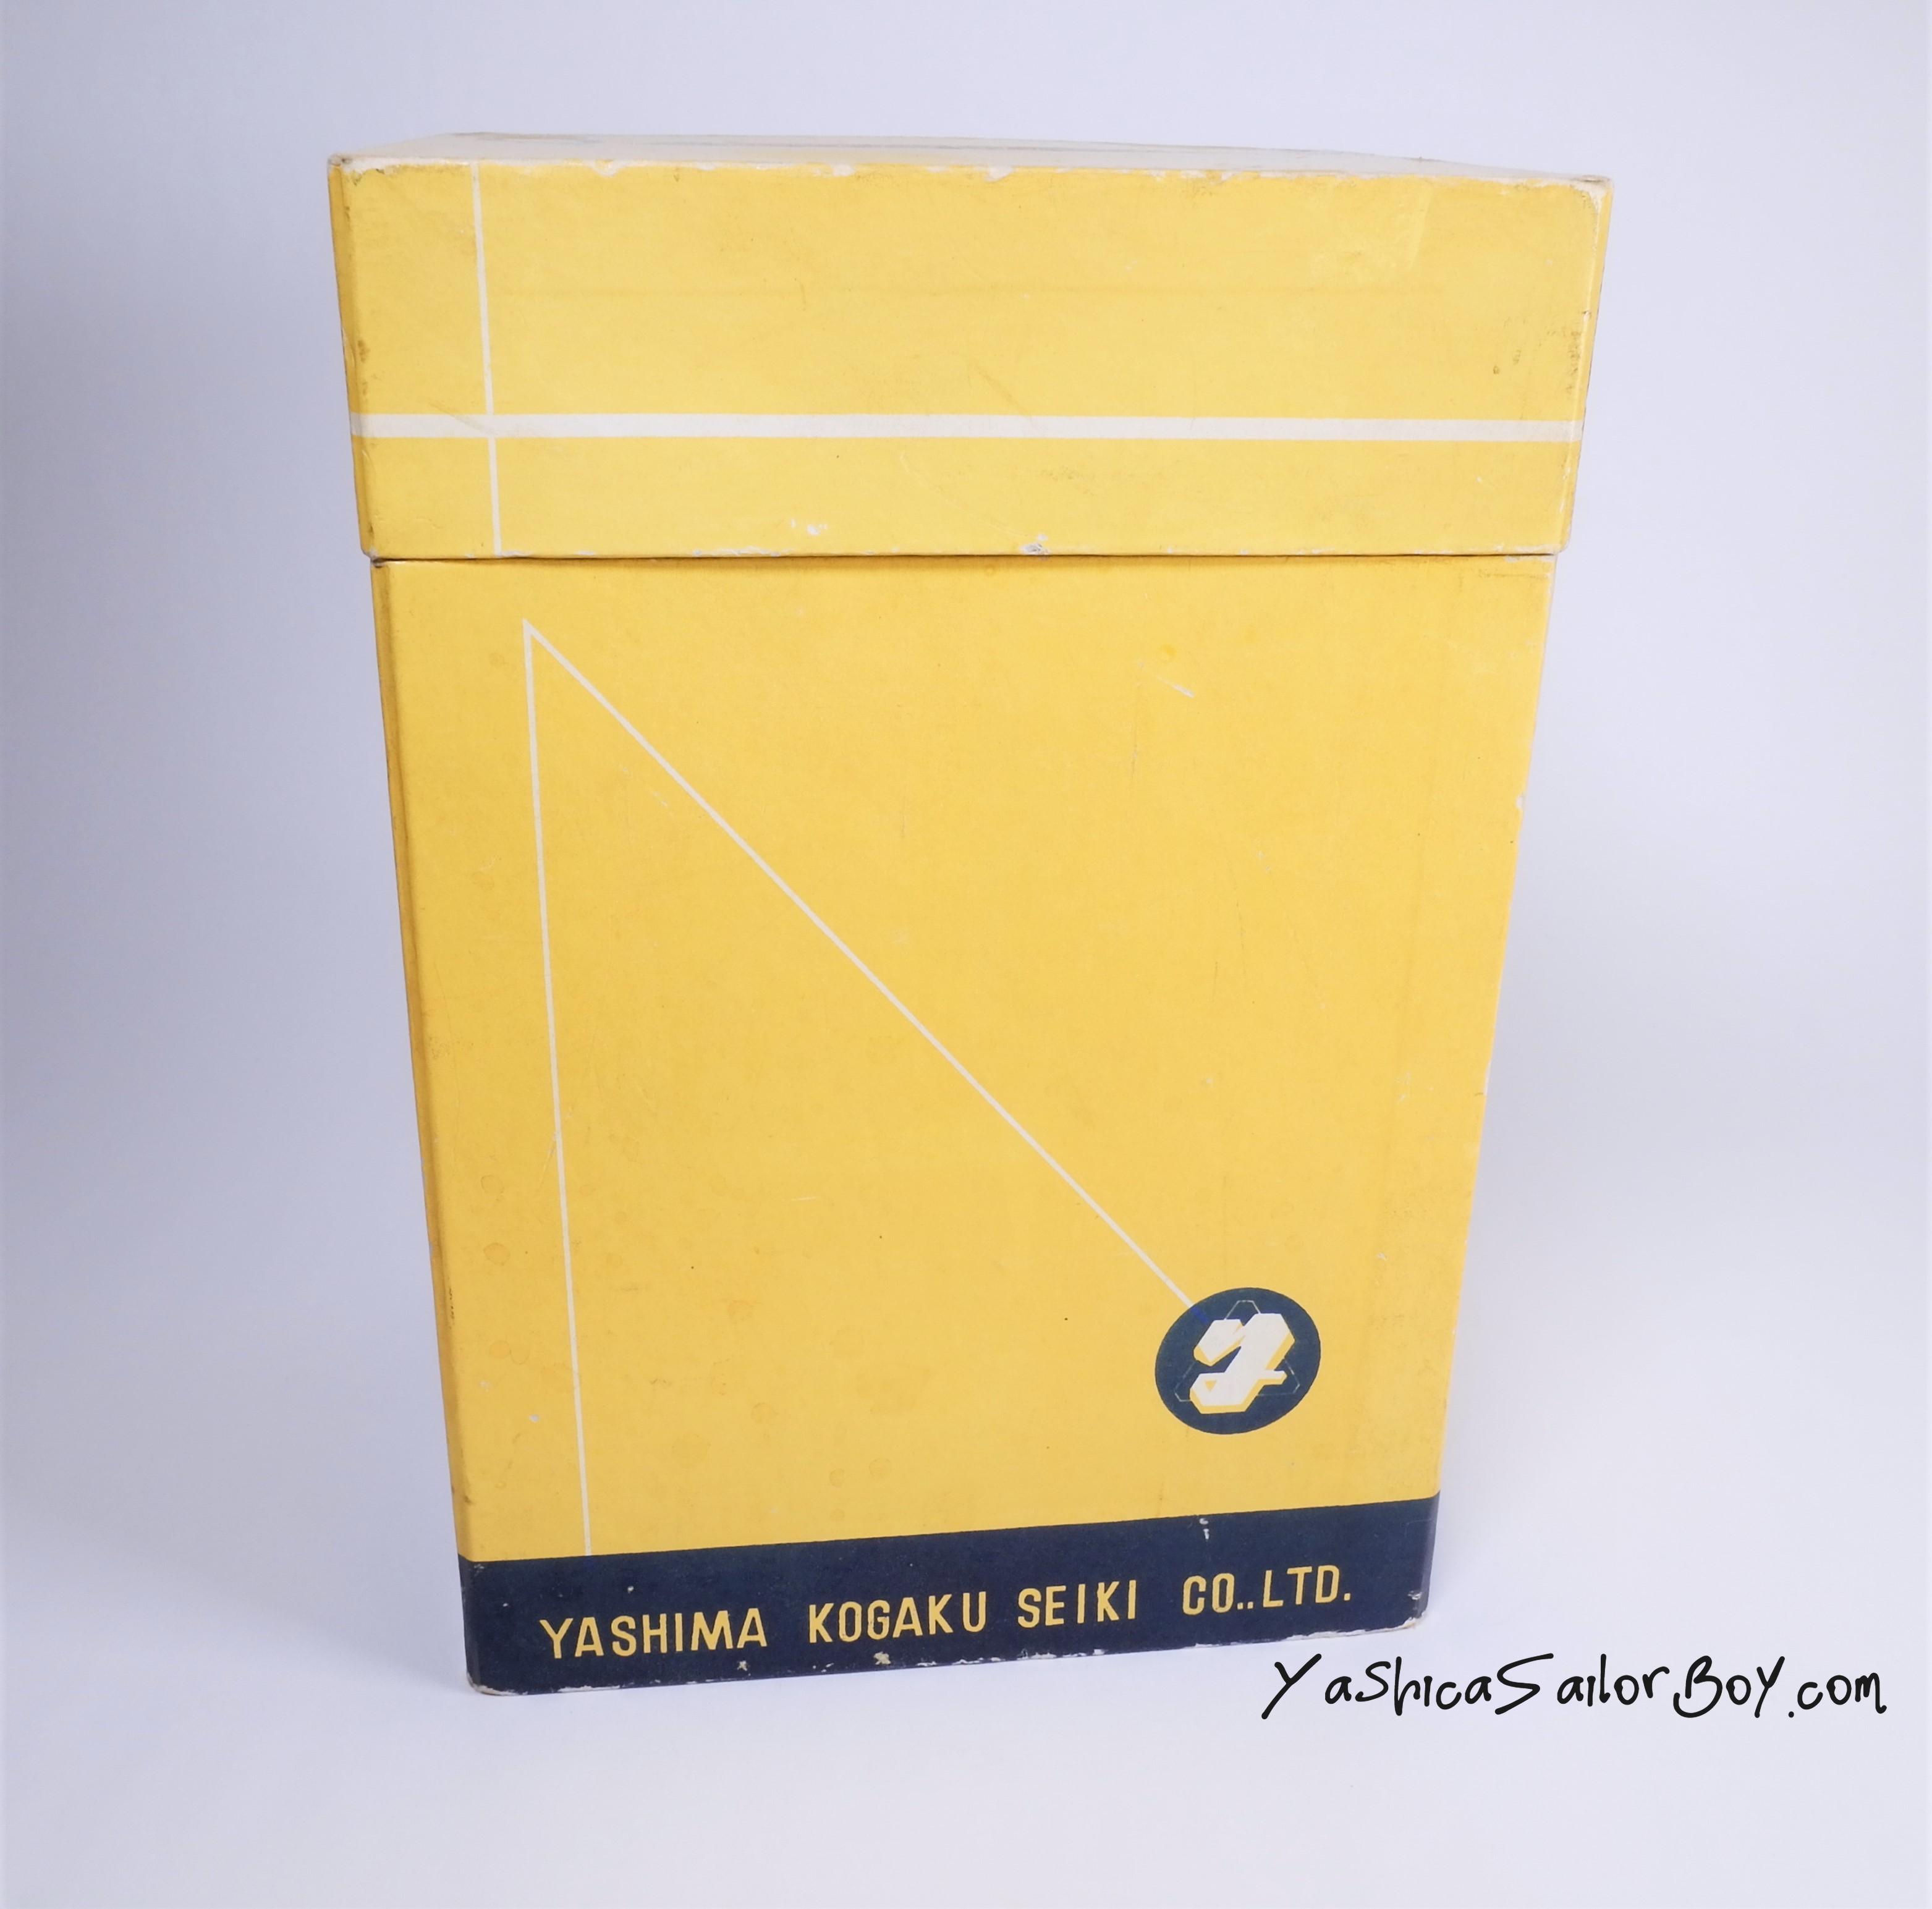 YashimaFlex Box 2